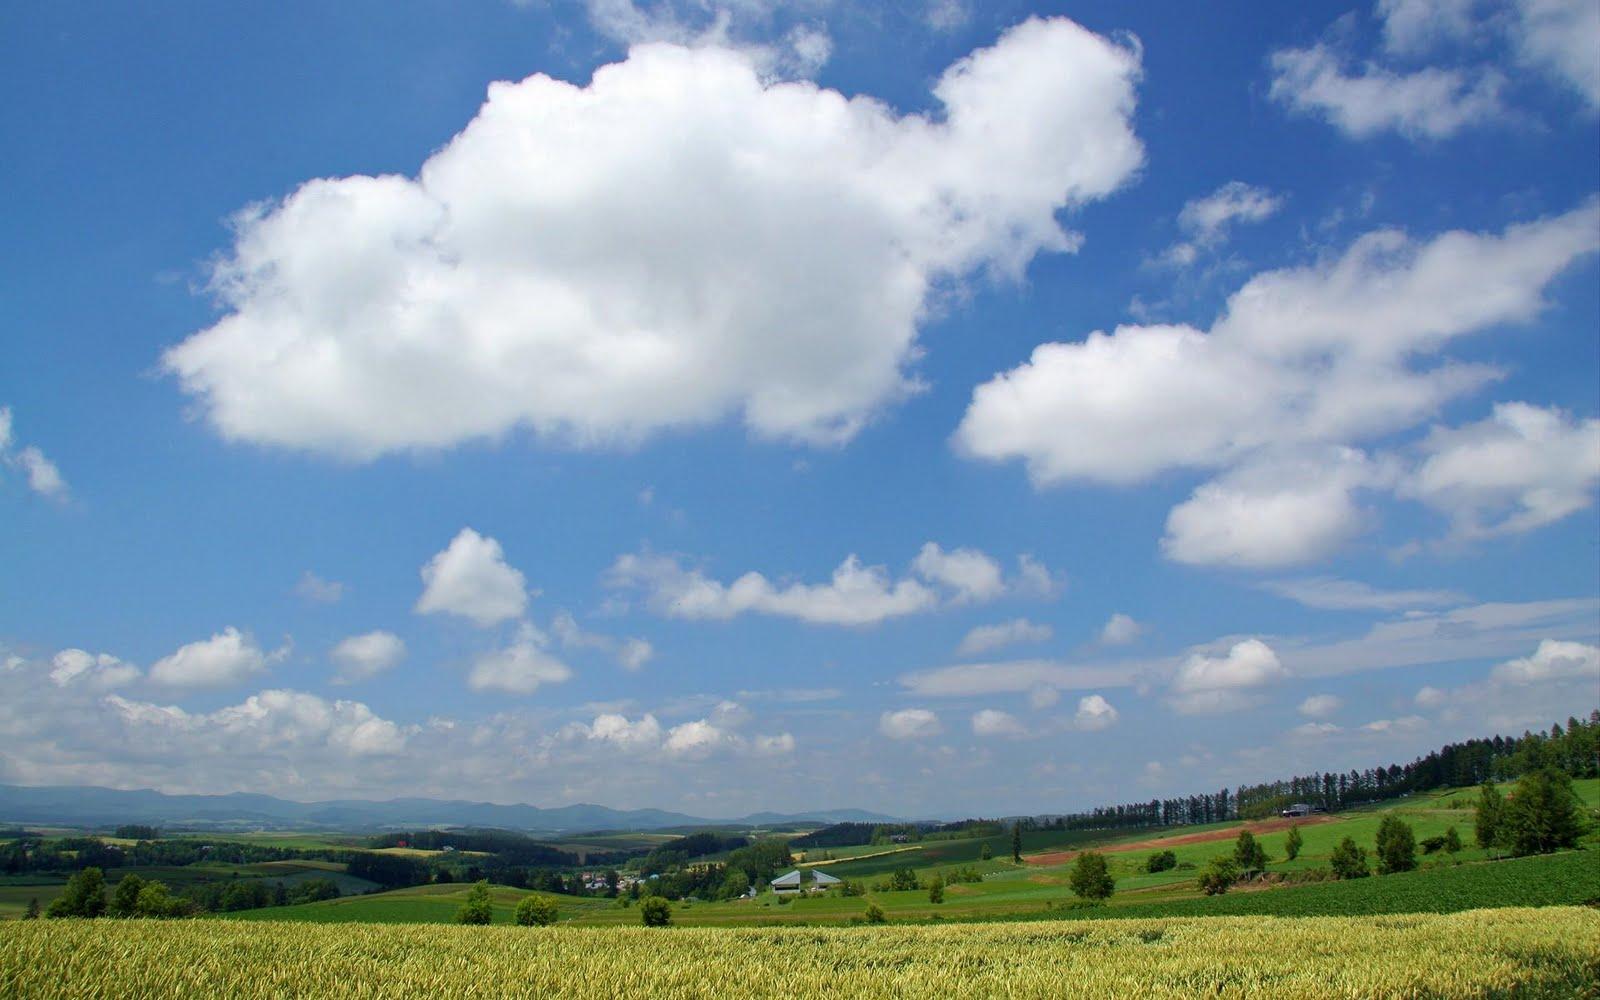 japan hokkaido landscape image - photo #24